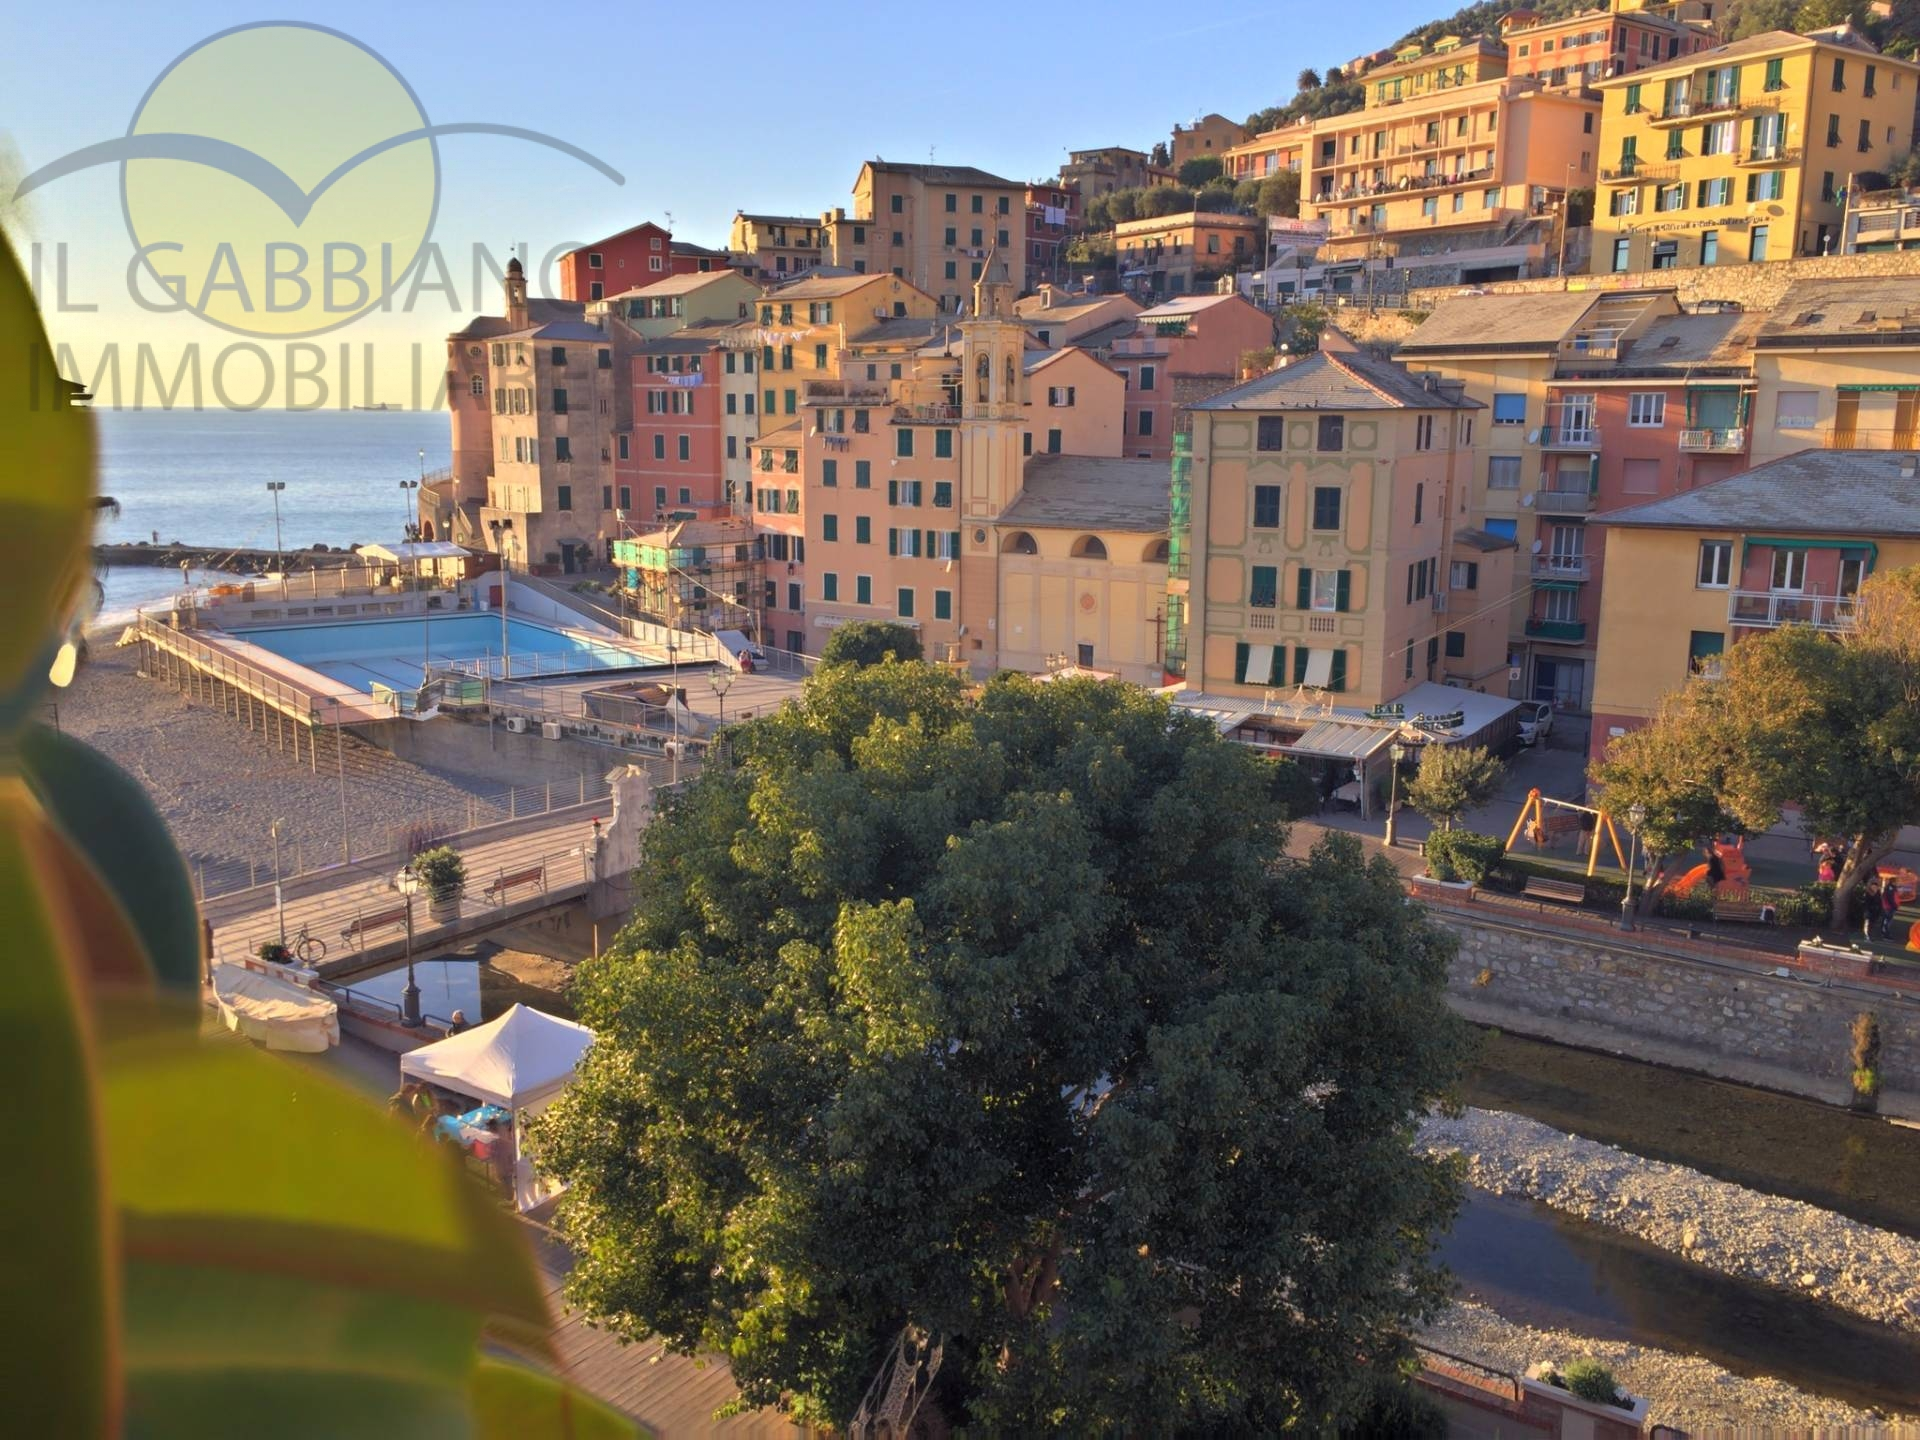 Appartamento in vendita a Sori, 5 locali, zona Località: centro, prezzo € 470.000 | Cambio Casa.it